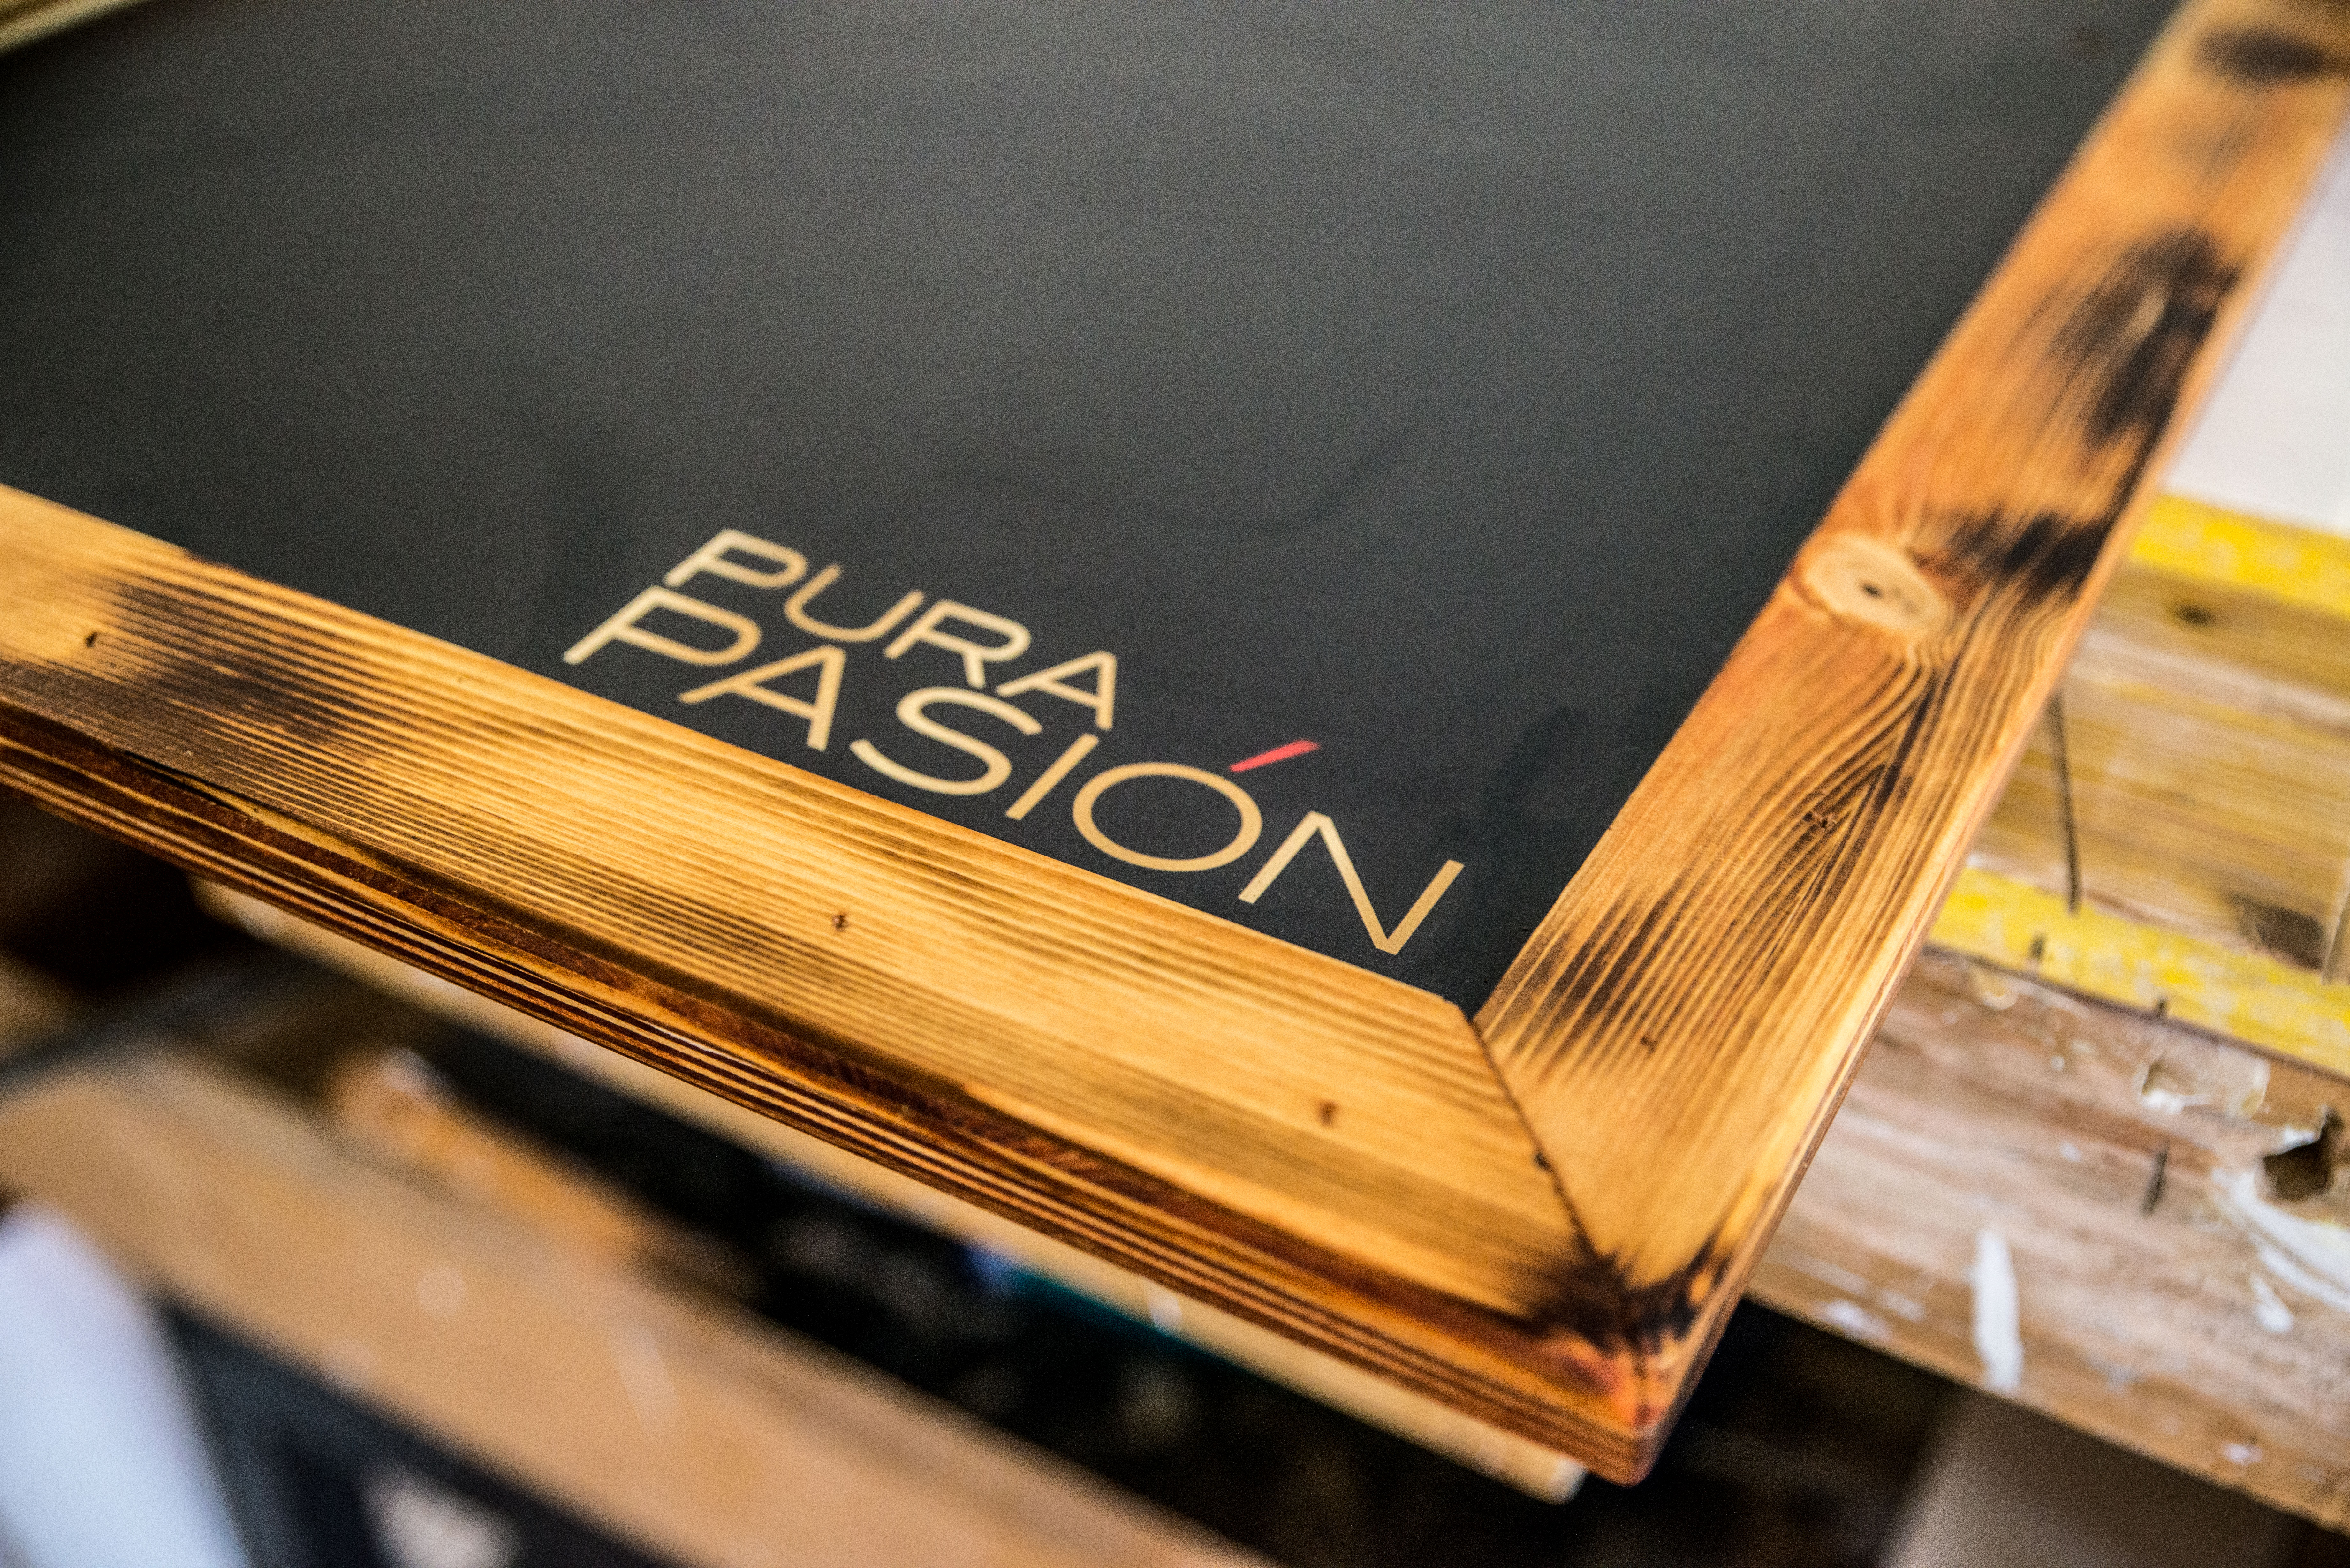 kreidetafel mit branding – druck auf holz